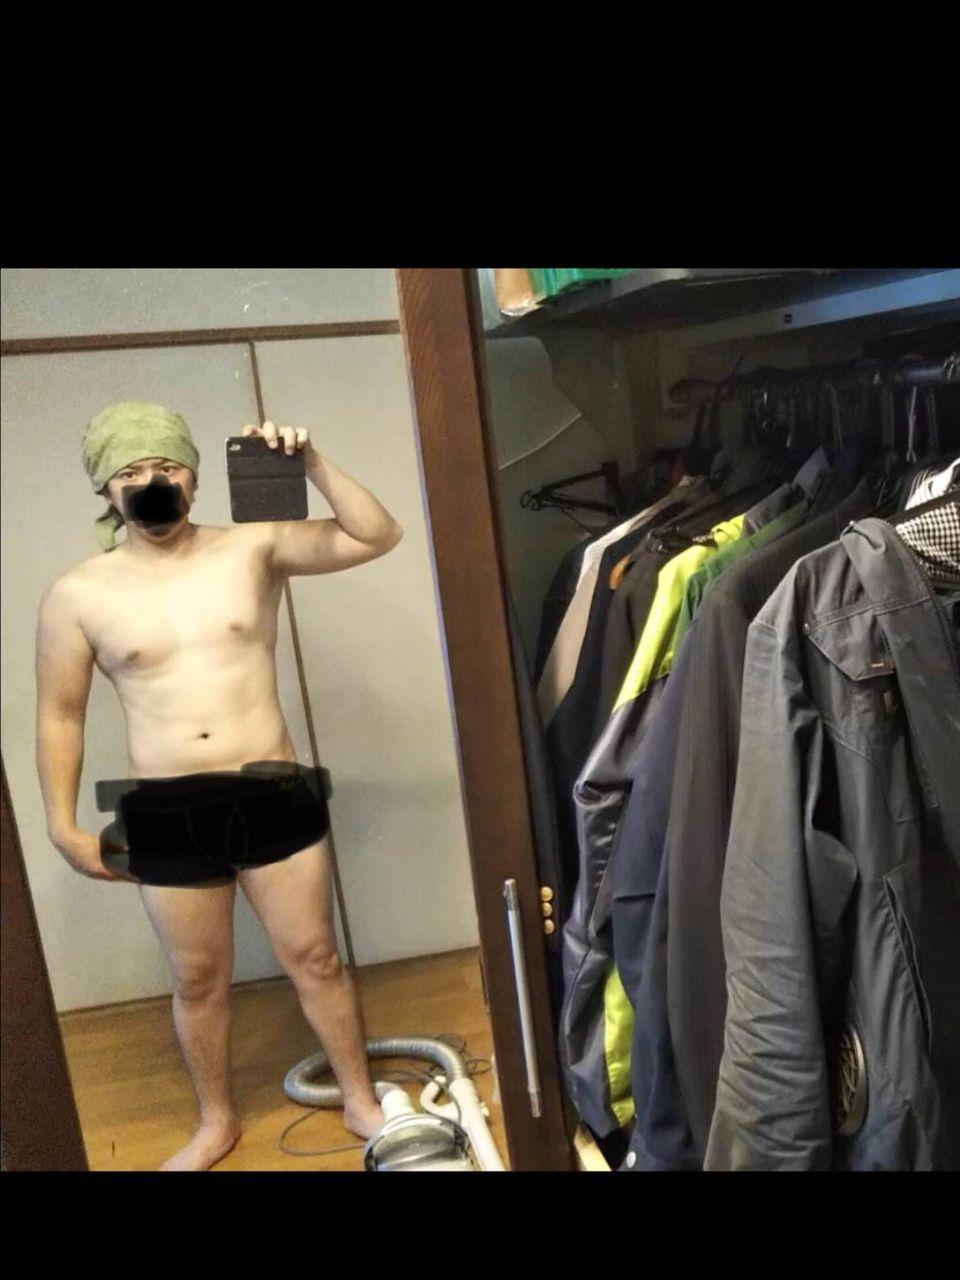 【裸】ノンケのバカ騒ぎ写真110【露出】 [無断転載禁止]©bbspink.comYouTube動画>4本 ->画像>808枚